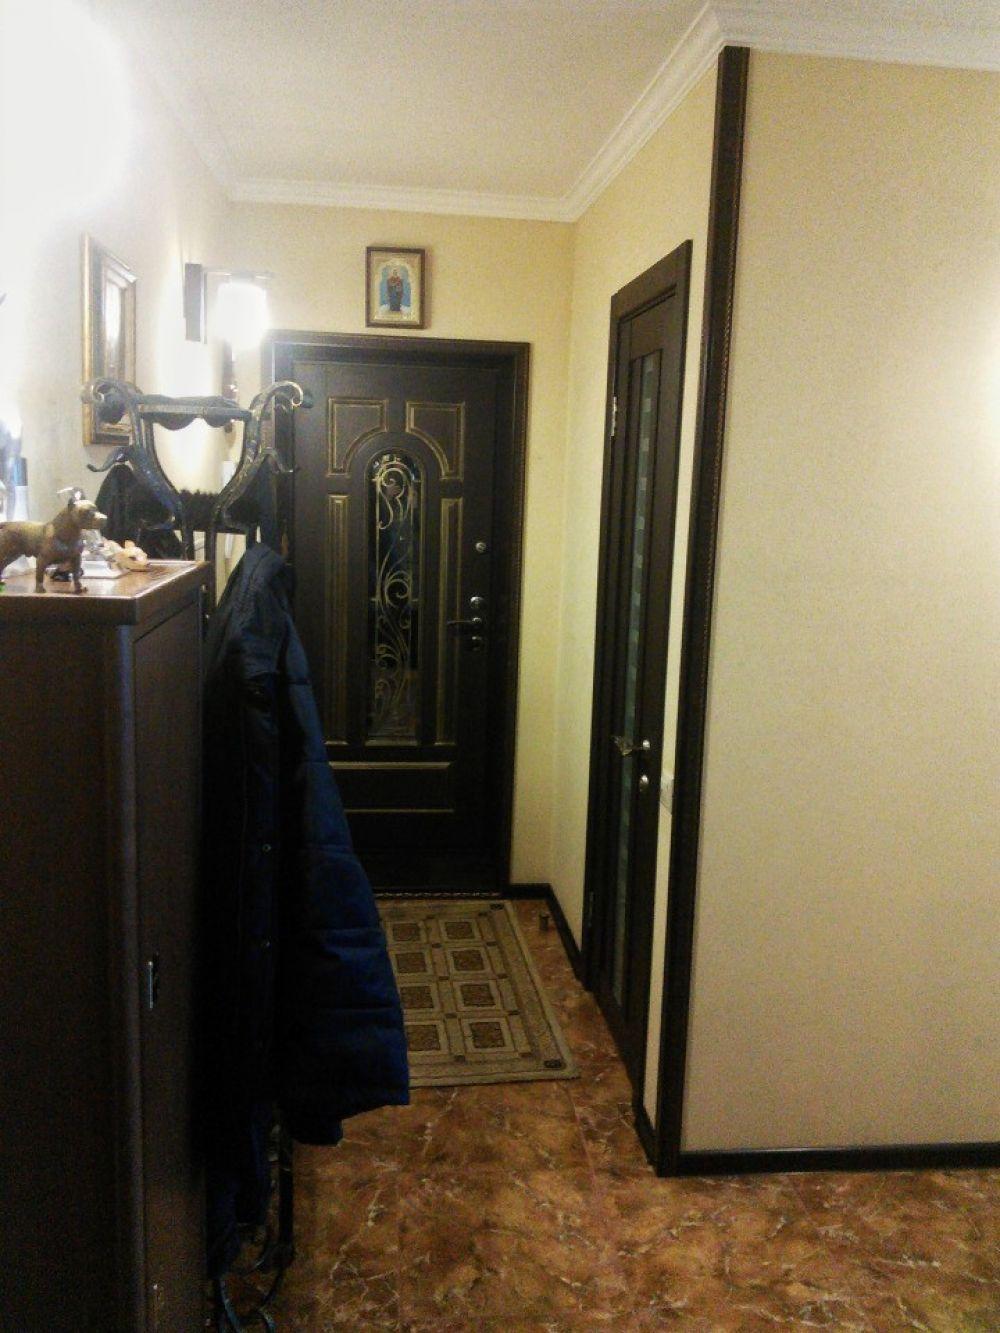 Продаю двухкомнатная квартира Московская область г. Королев ул.Гражданская д. 41., фото 1